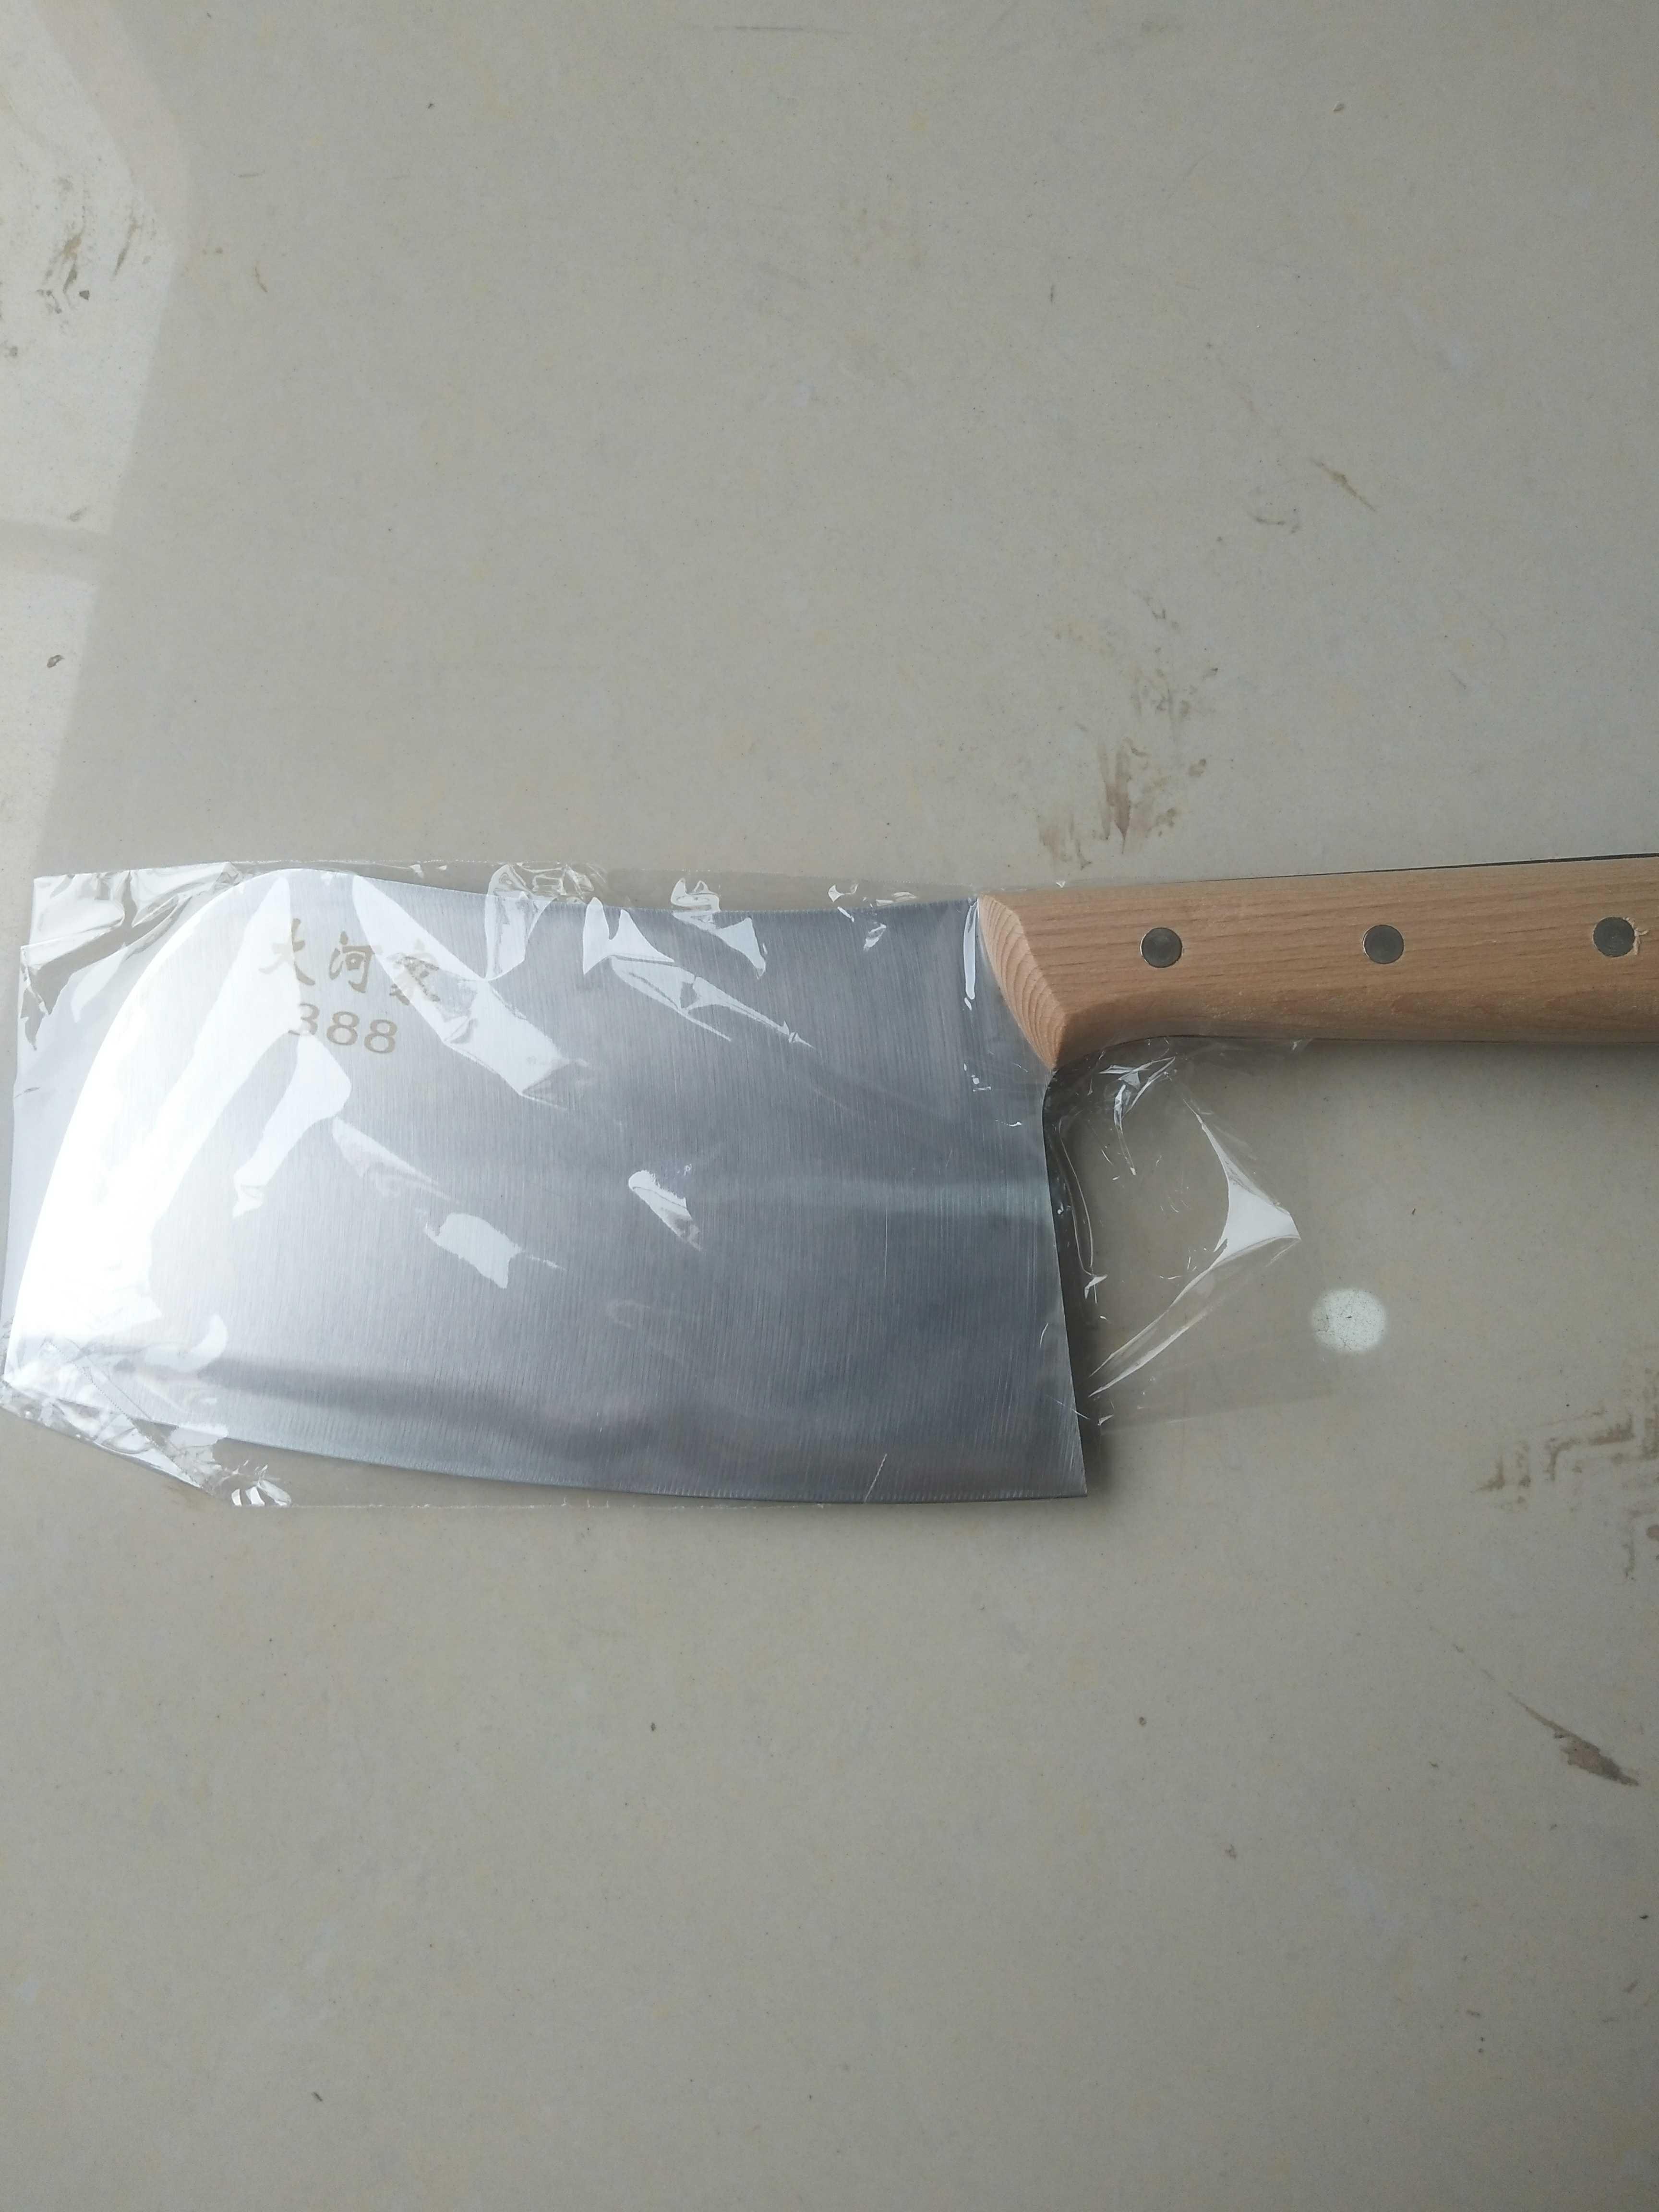 家用厨房刀具套装不锈钢切菜刀砍骨刀斩骨刀厨师切肉专用刀水果刀